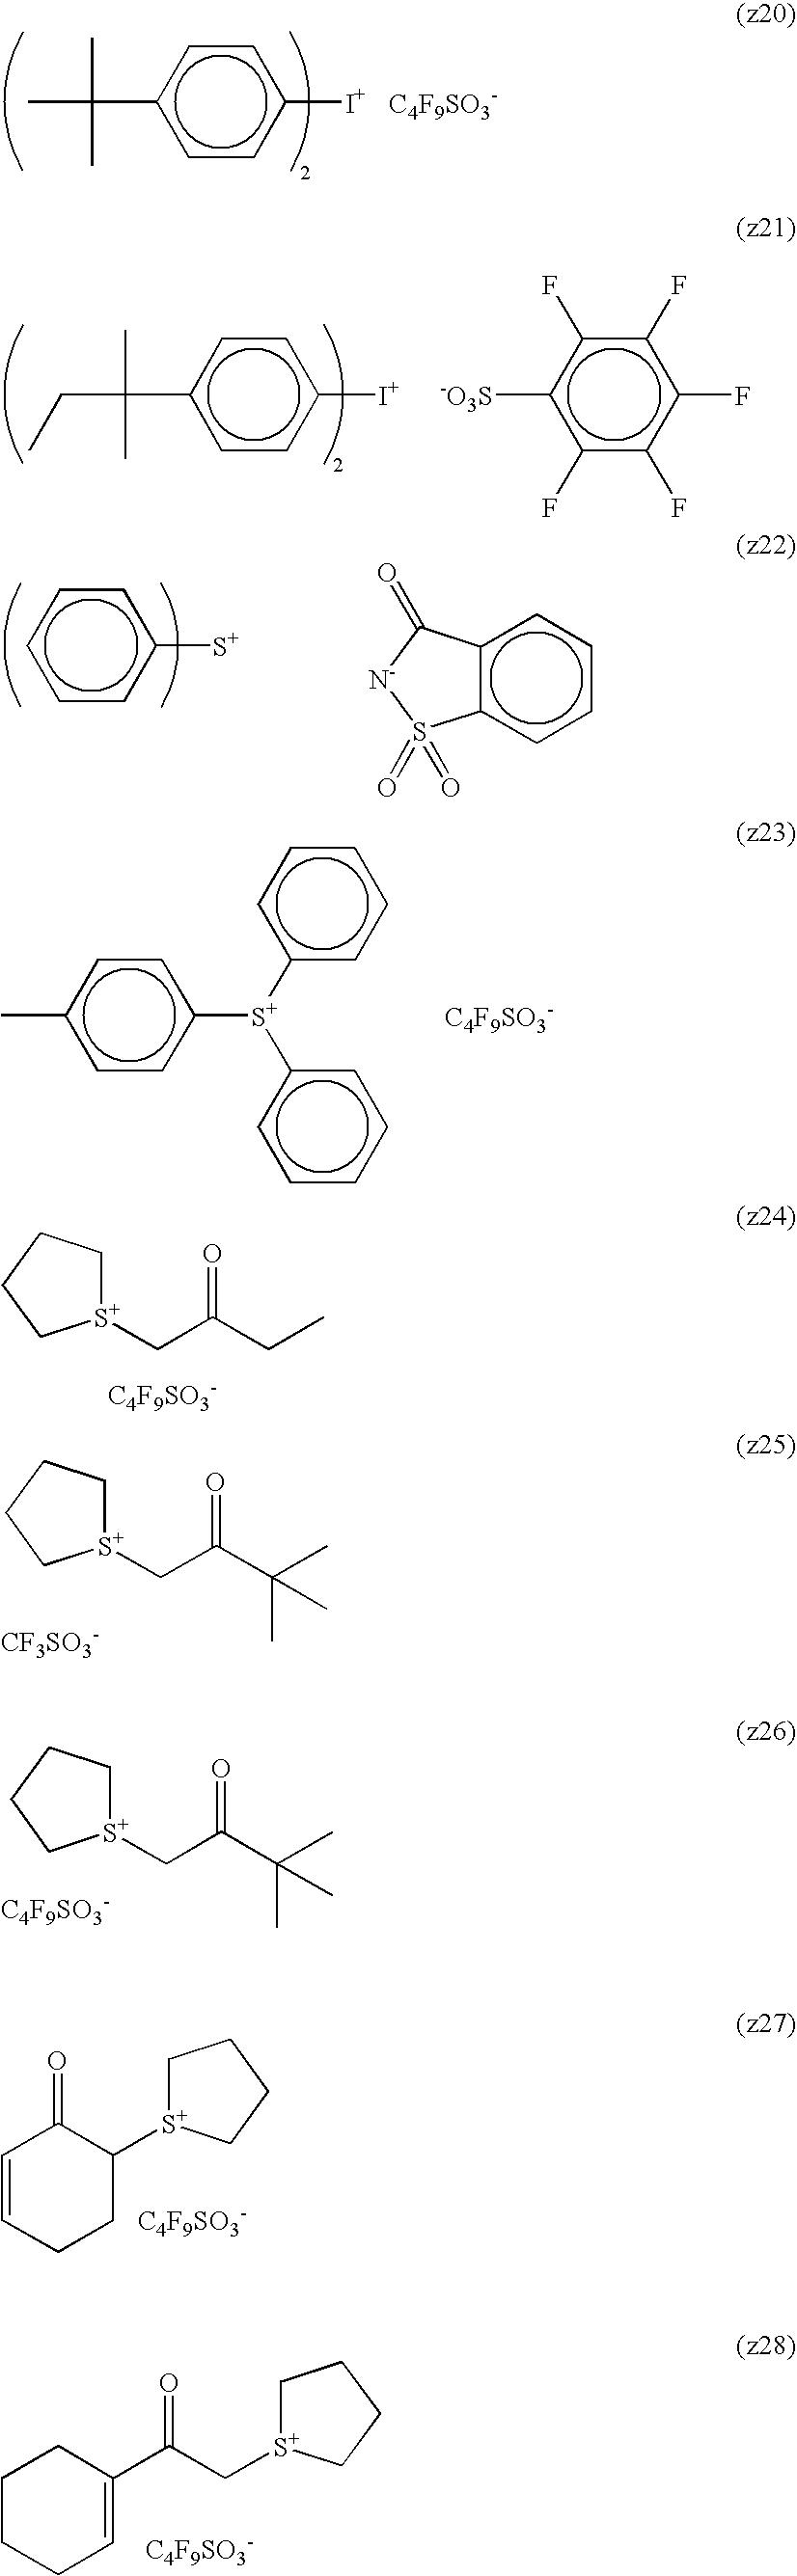 Figure US20100183975A1-20100722-C00223